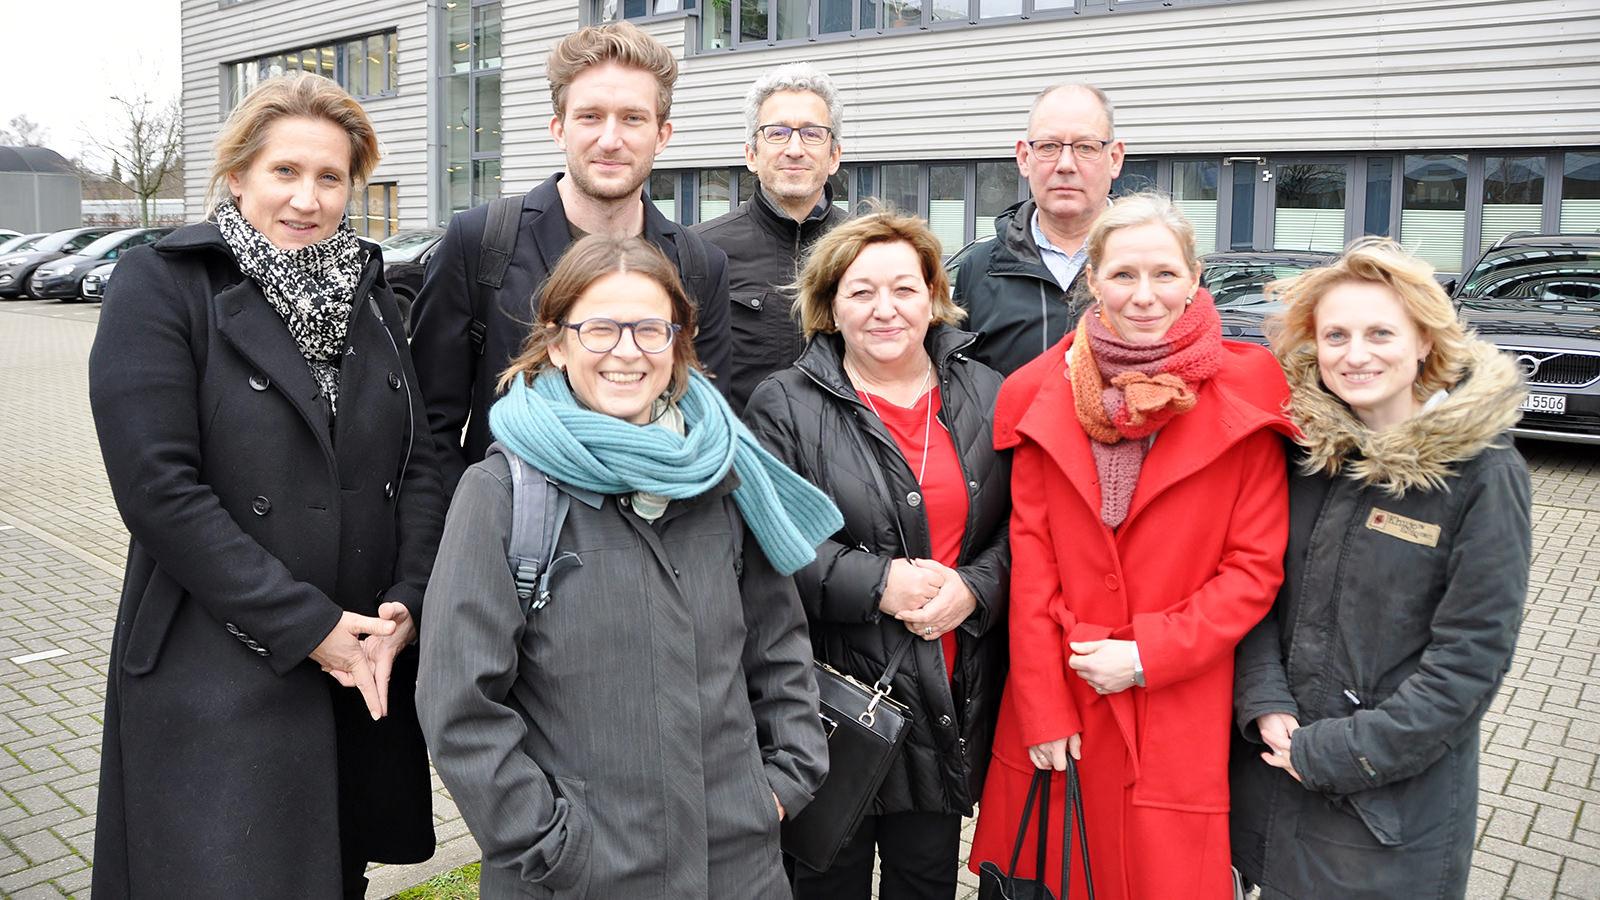 Der Großteil der Autorenpreis-Jury; Foto: Mona Contzen